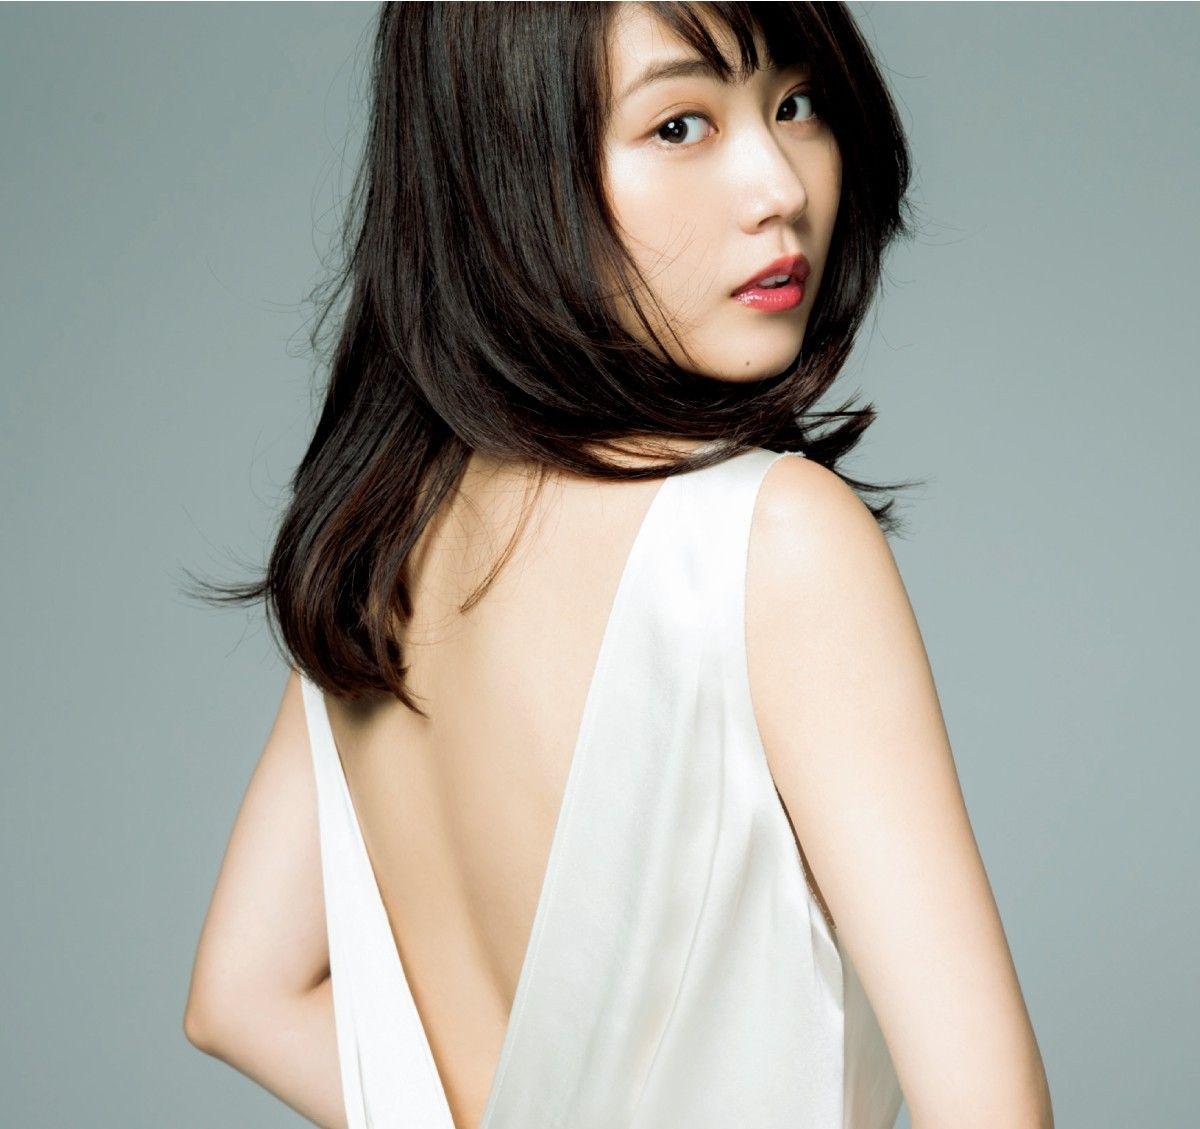 浅田真央緊縛ショー (356) 有名女優のNoSM03、有村架純